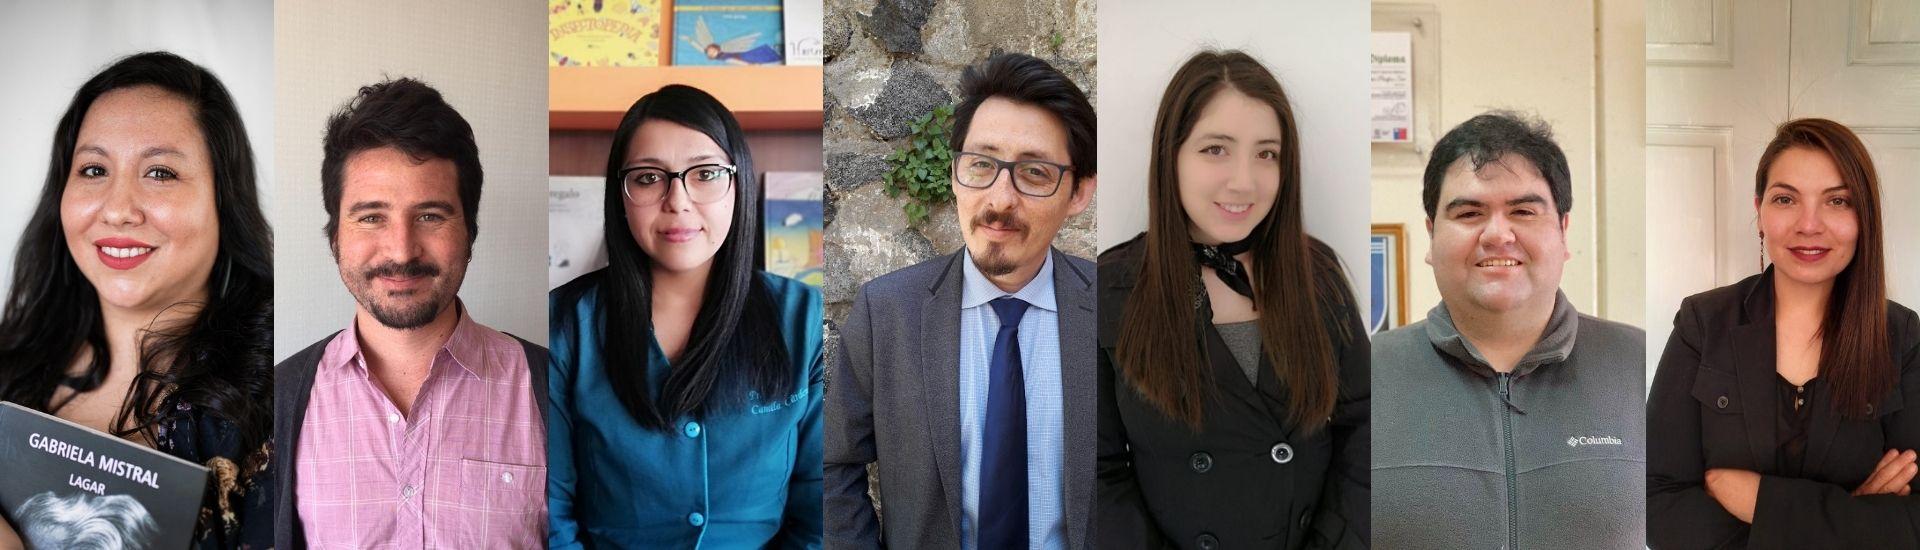 Imágenes de los 20 semifinilistas del global teacher prize chile